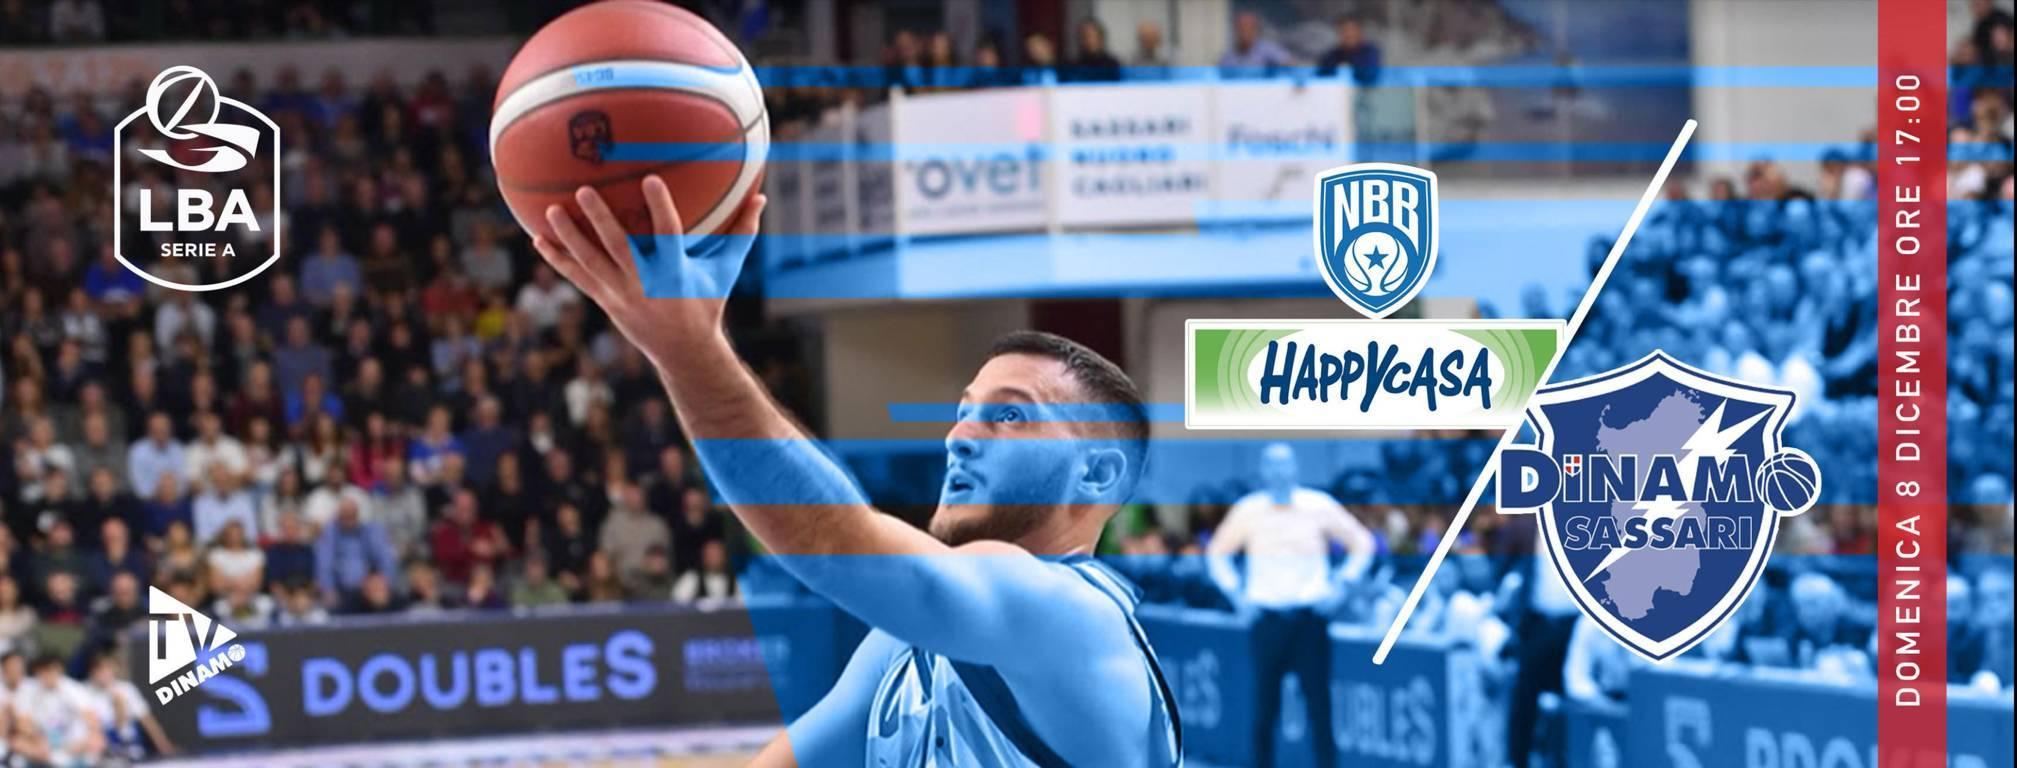 Legabasket LBA 12^andata 2019-20: Brindisi e Sassari ferite in Europa s'incontrano in Puglia per giocarsi il 2° posto in classifica